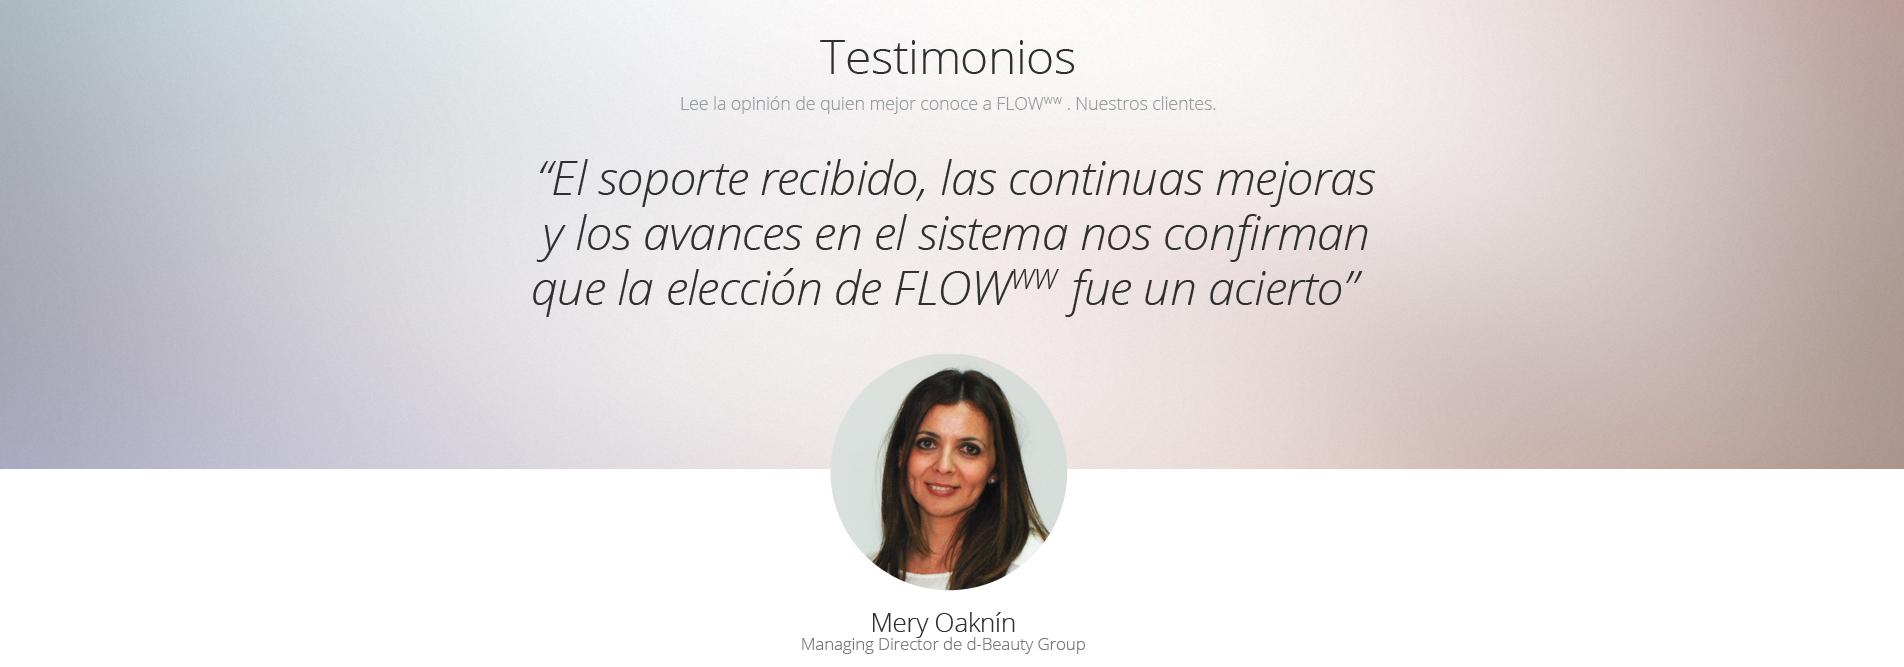 FLOWww